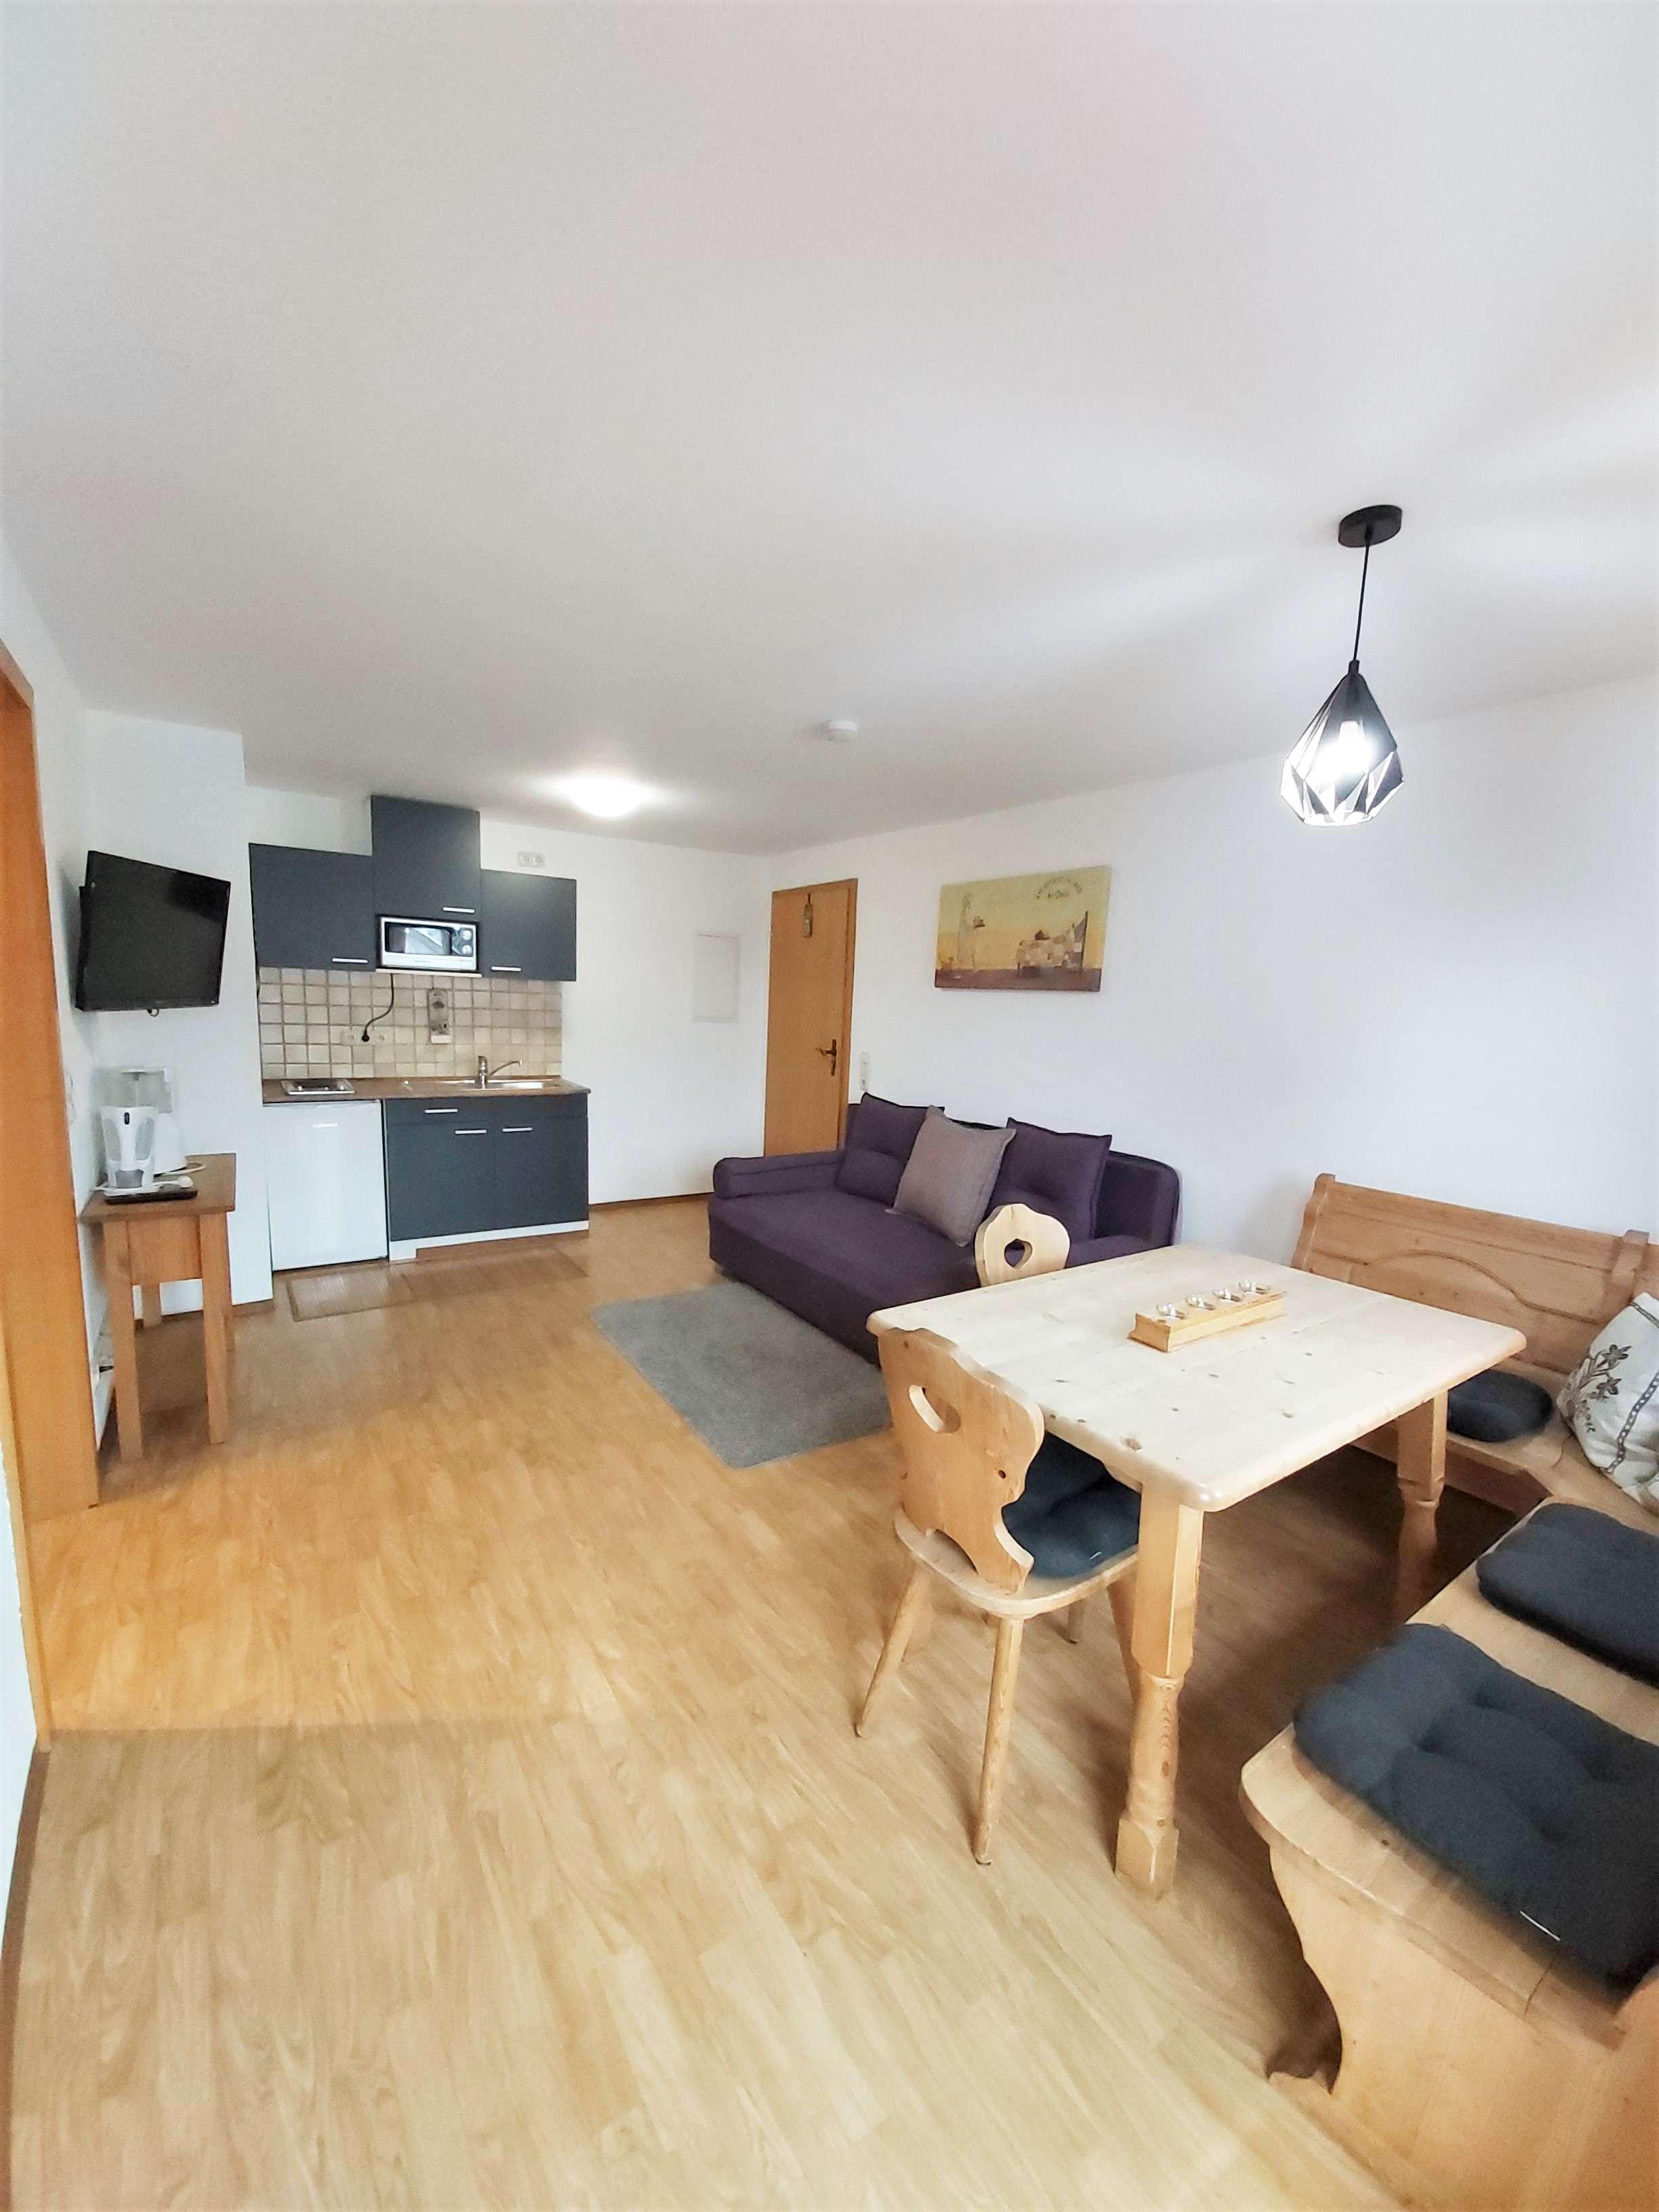 Möblierte 2-Zimmer Wohnung mit 2 Balkonen! Wohnen auf Zeit! in